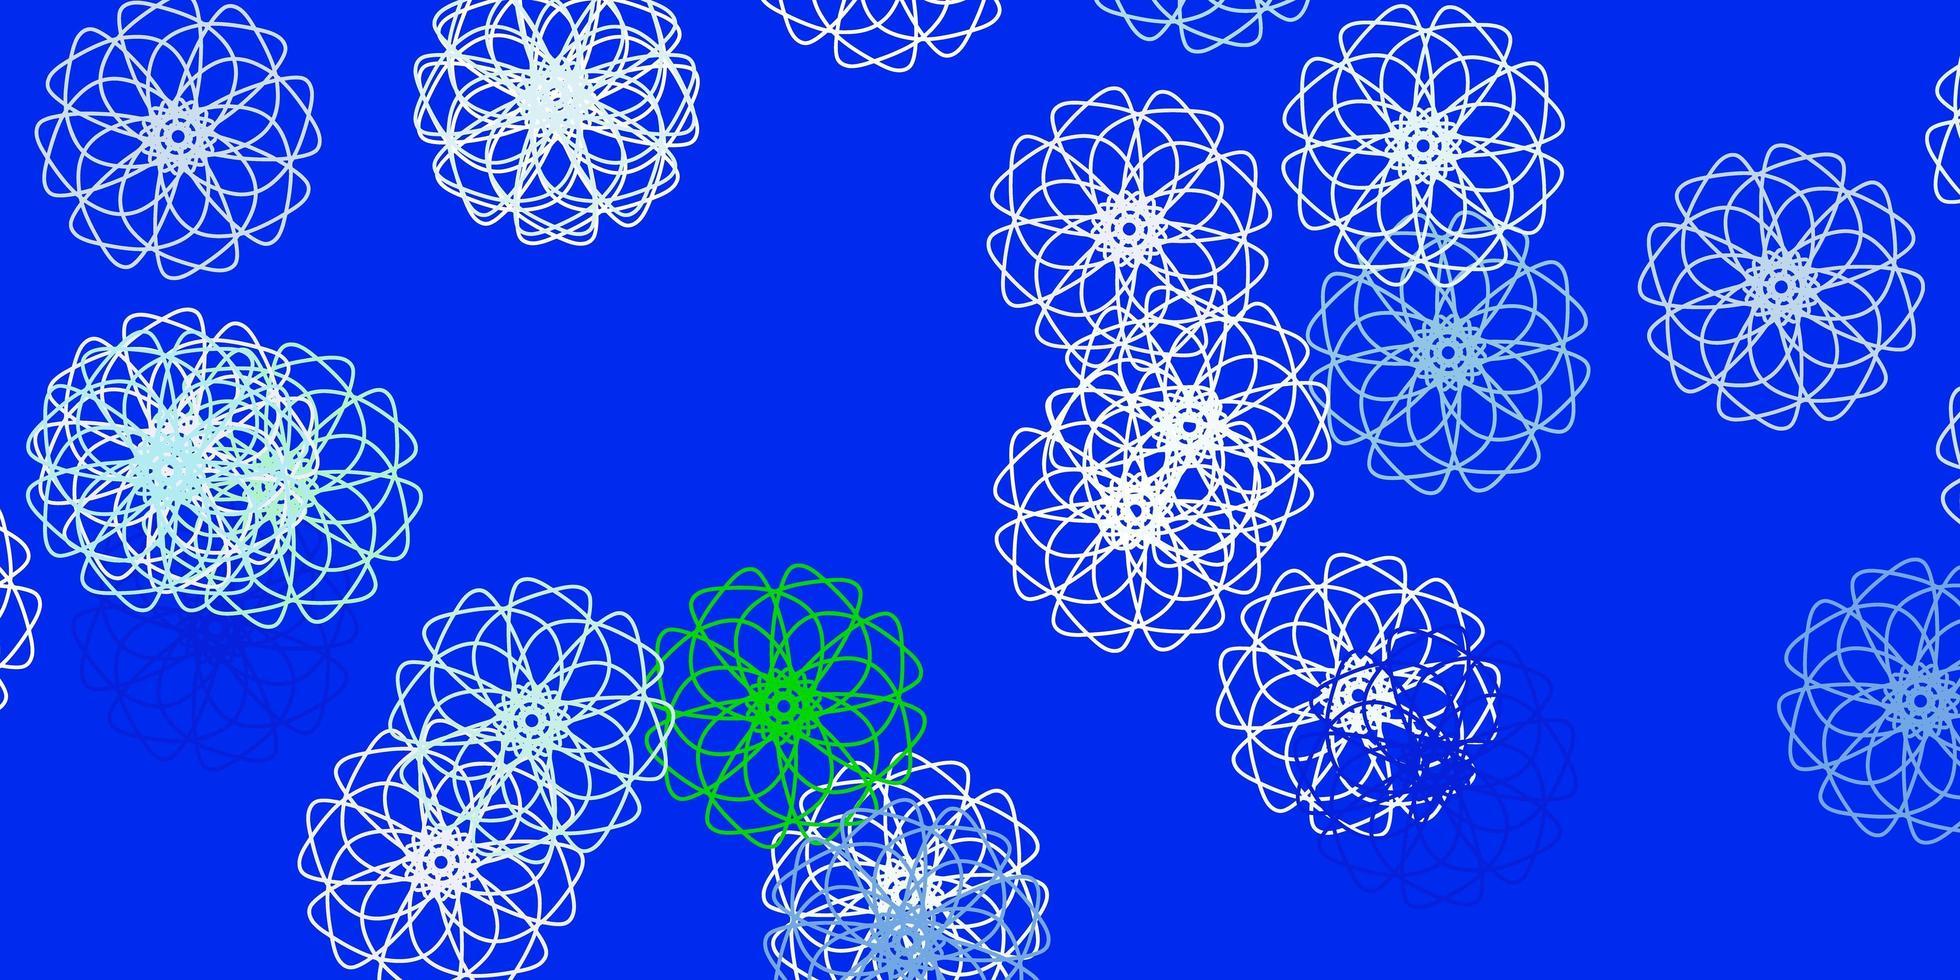 fond de doodle vecteur bleu clair, vert avec des fleurs.